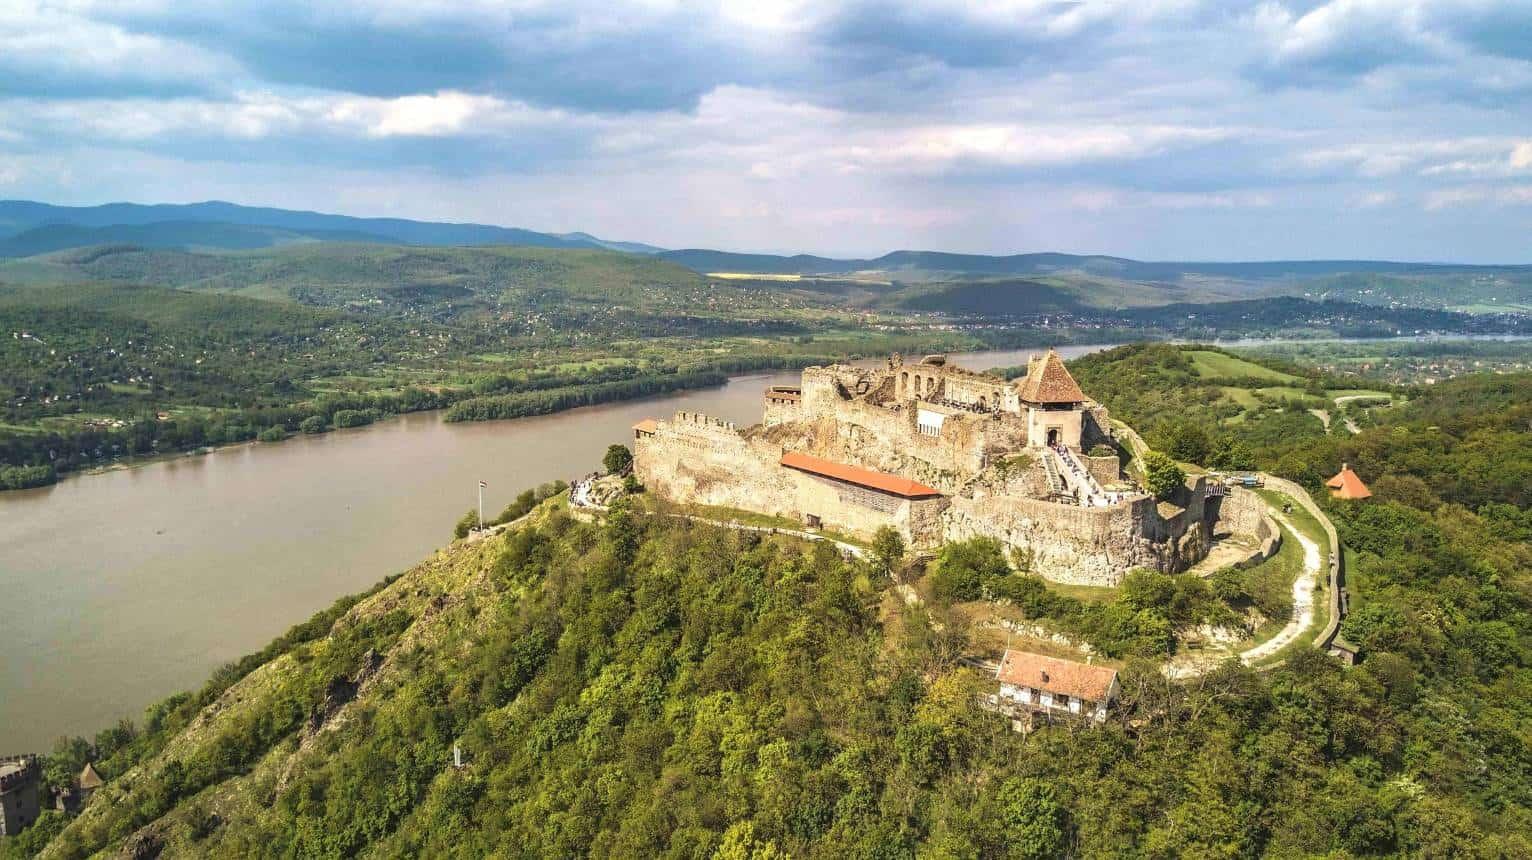 Budapest-Visegrád élményrepülés helikopterrel 1-3 fő részére